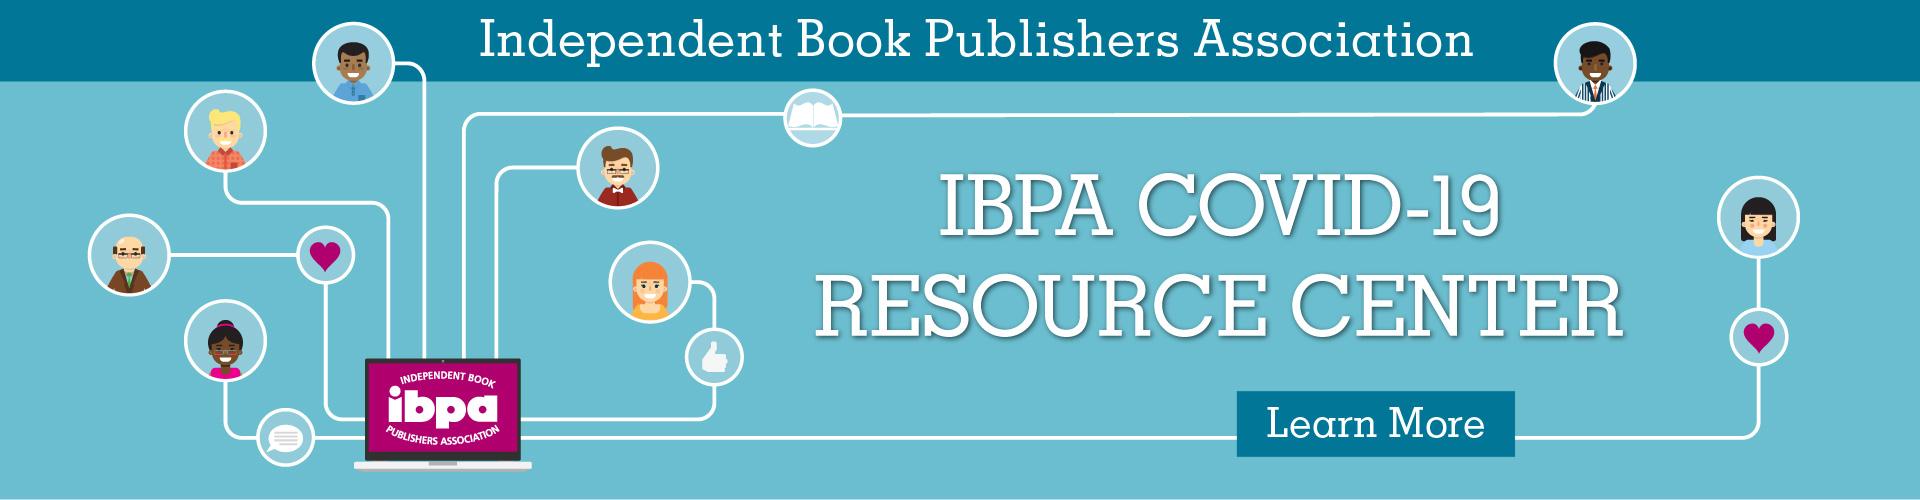 IBPA Image